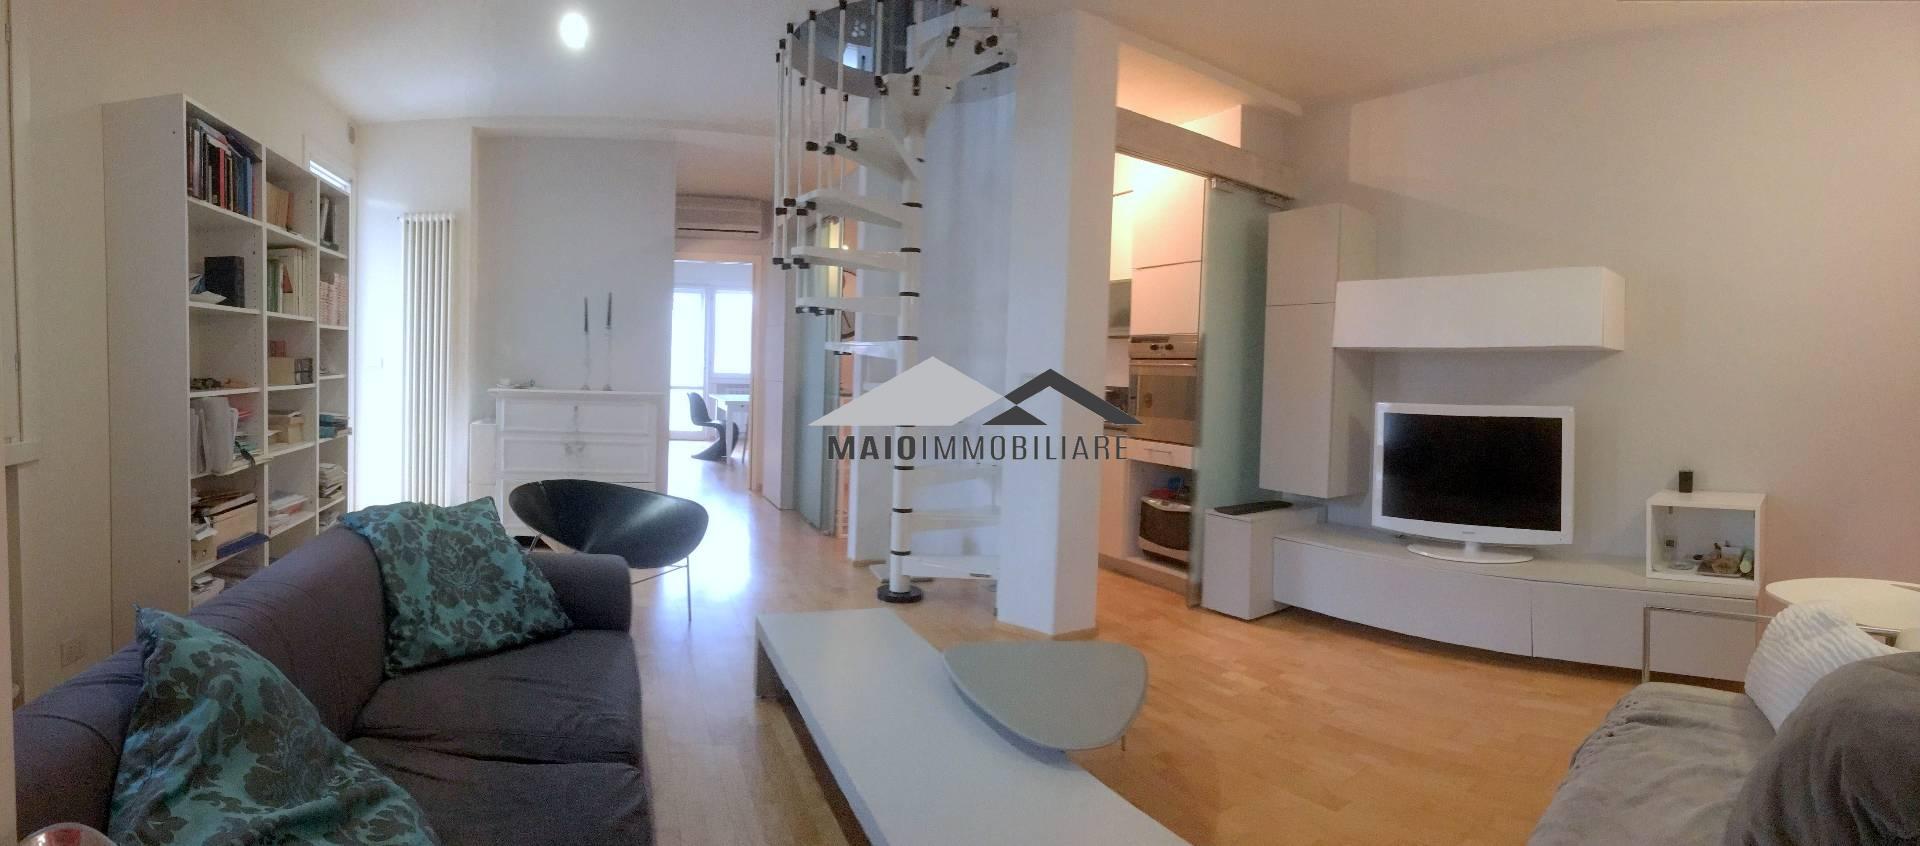 Appartamento in vendita a Riccione, 4 locali, zona Località: TERME, prezzo € 240.000 | CambioCasa.it